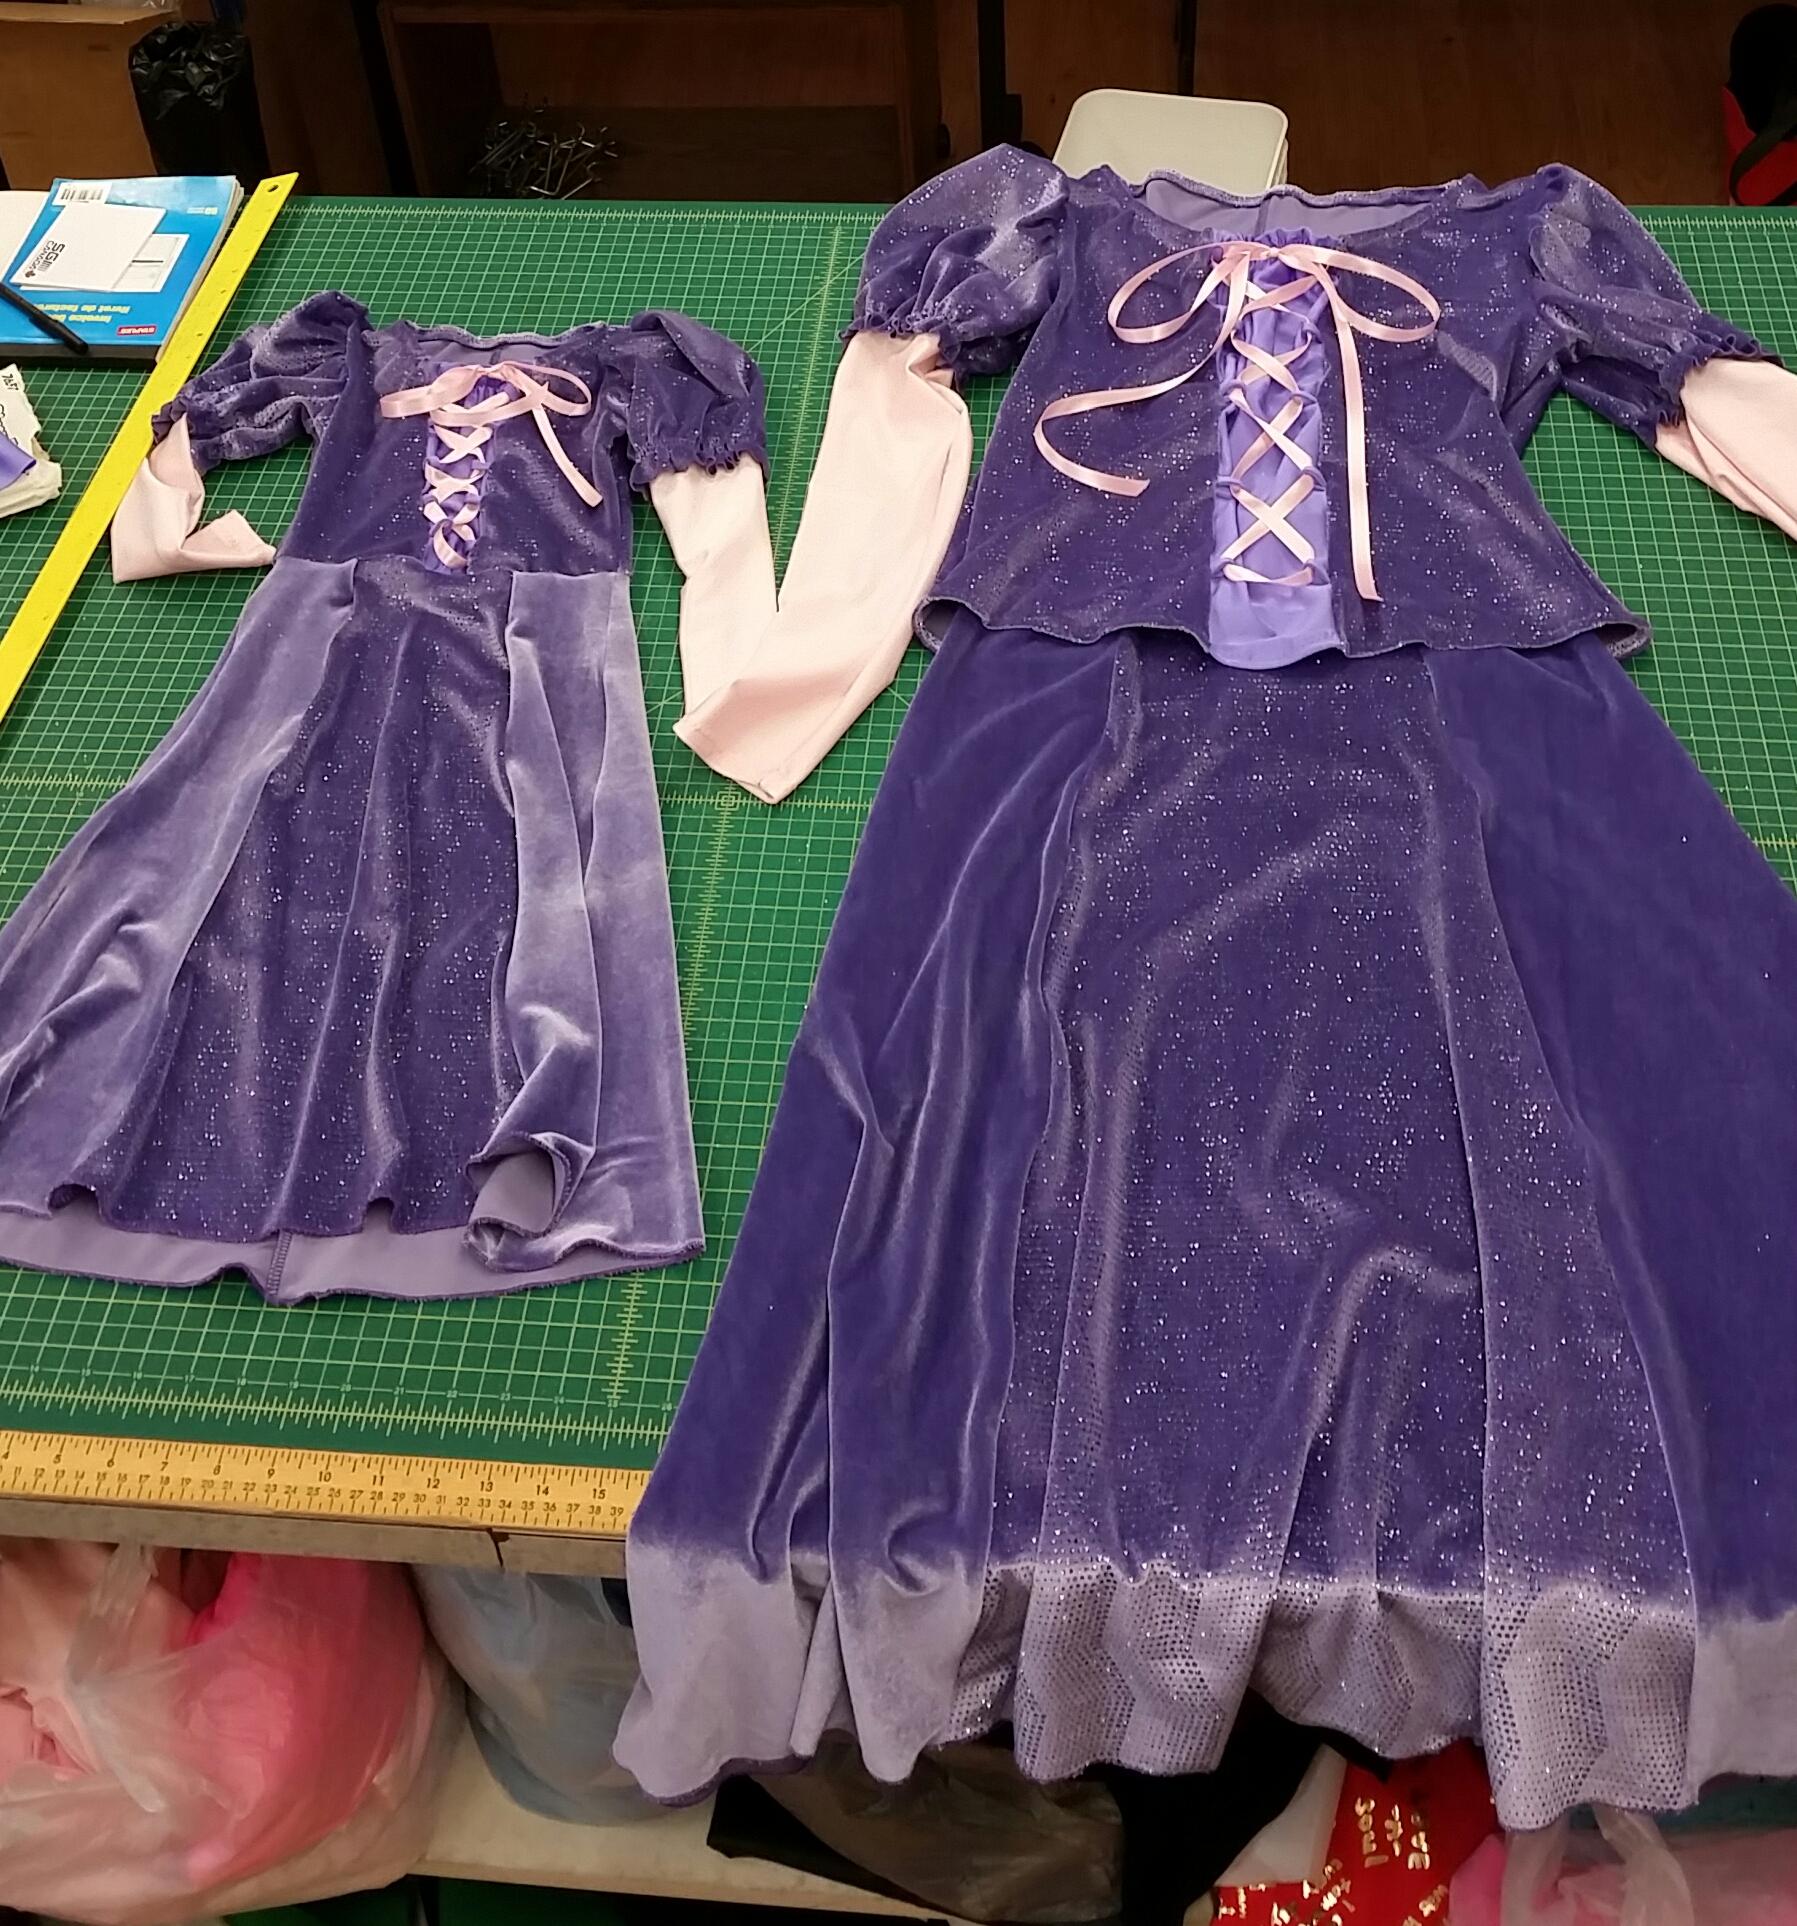 Me and Mini Me costumes